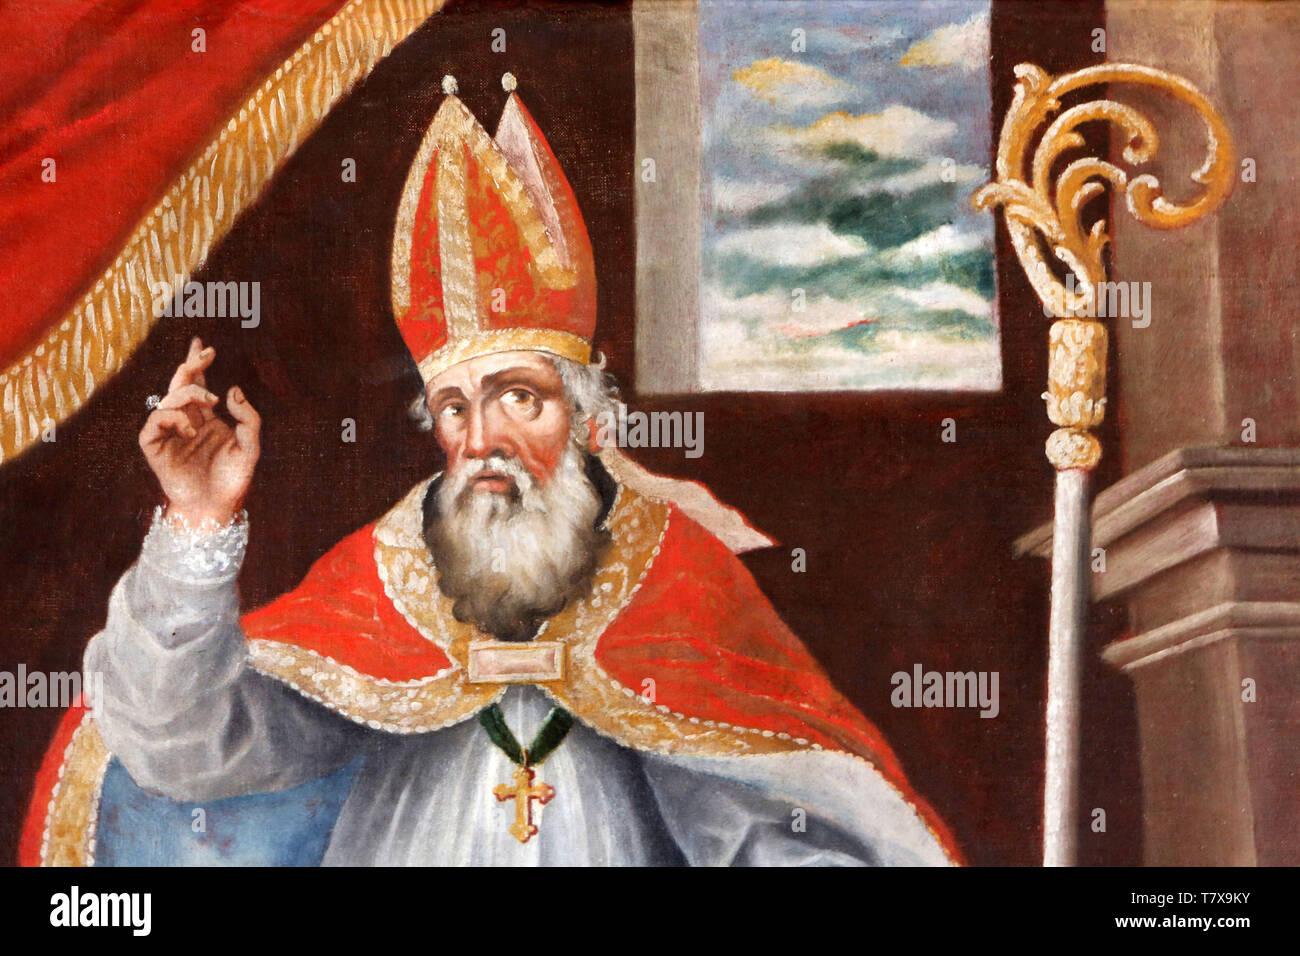 Peinture représentant Saint-Martin, Evêque de Tours. Eglise Saint-Nicolas de Véroce. Saint-Nicolas de Véroce. - Stock Image